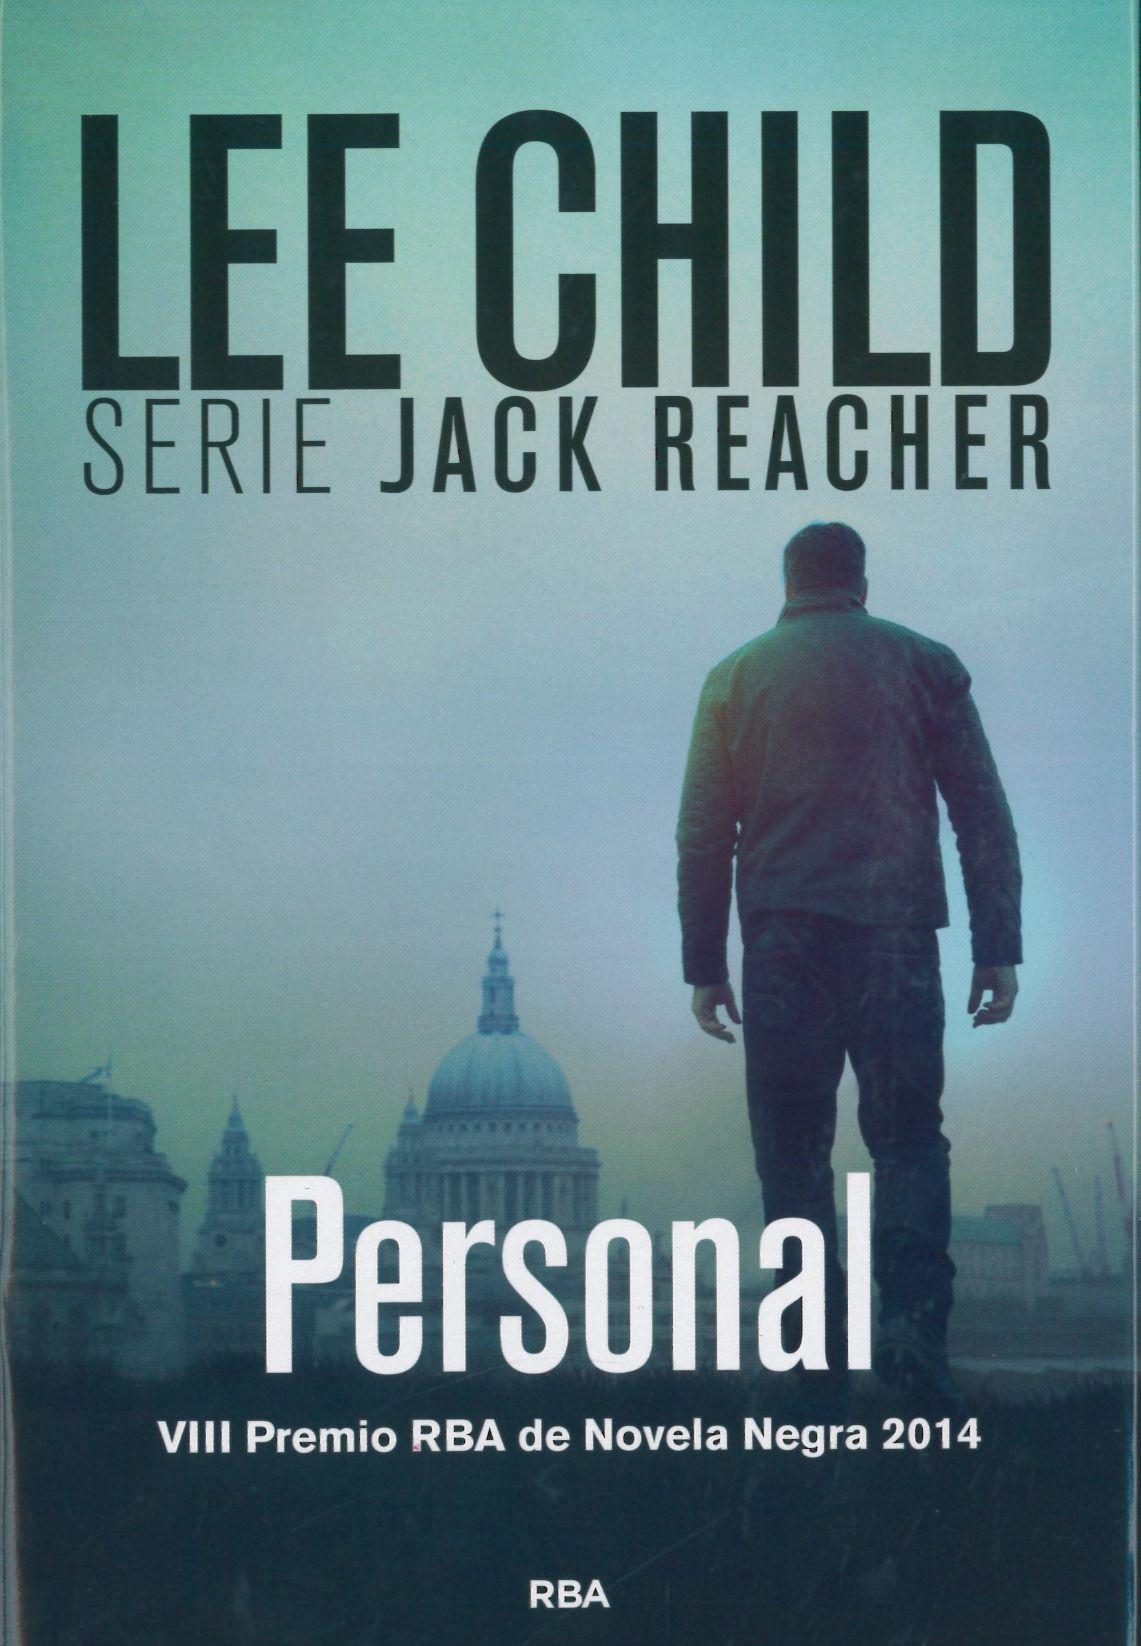 Algo grande se cuece cuando la CIA, el Departamento de Estado y las Fuerzas Especiales echan el resto por dar con el escurridizo Jack Reacher y convencerle de que neutralice a un misterioso francotirador de élite, responsable de un audaz intento de asesinar al presidente de Francia. En la pequeña lista de sospechosos fig ura uno a quien Reacher mandó a prisión tiempo atrás y de quien se sabe que le ha jurado eterna venganza. Lee Child: Personal (RBA)